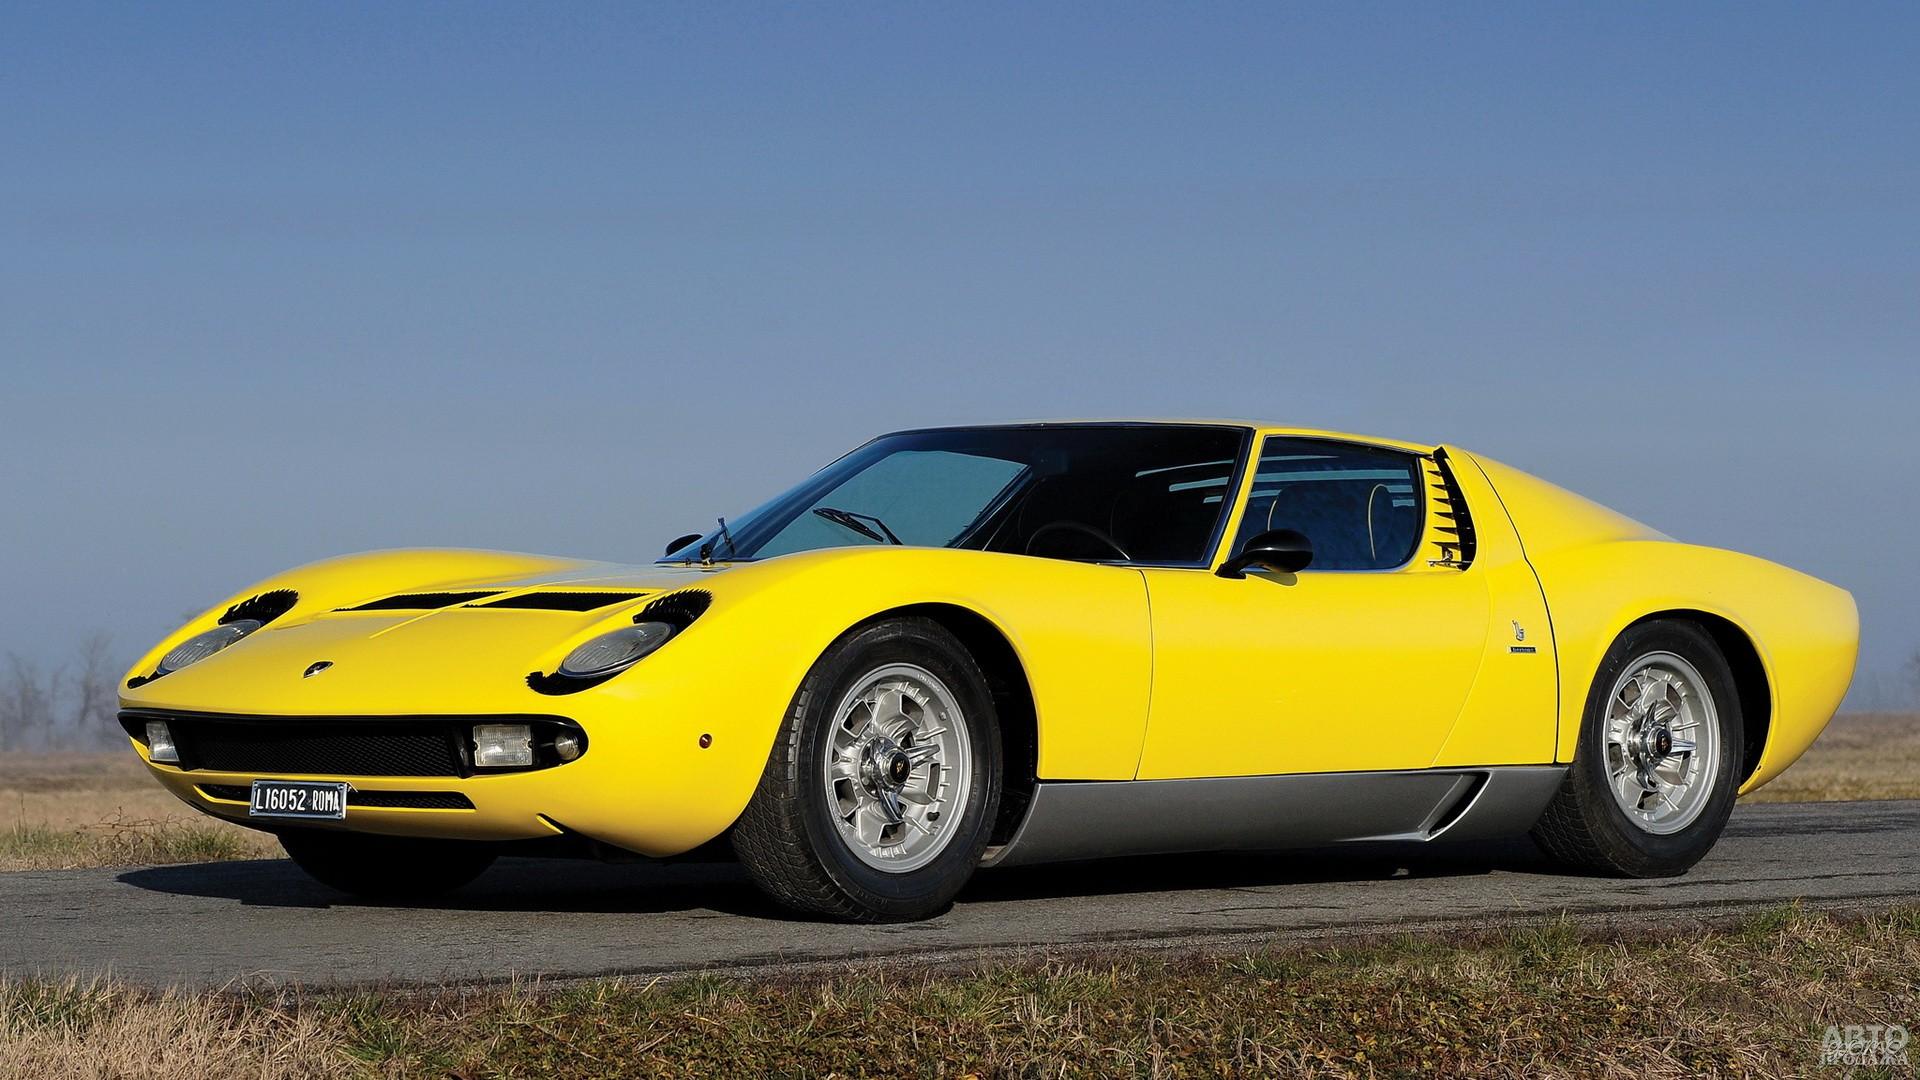 Lamborghini Miurа разработал молодой дизайнер Bertone Марчелло Гандини